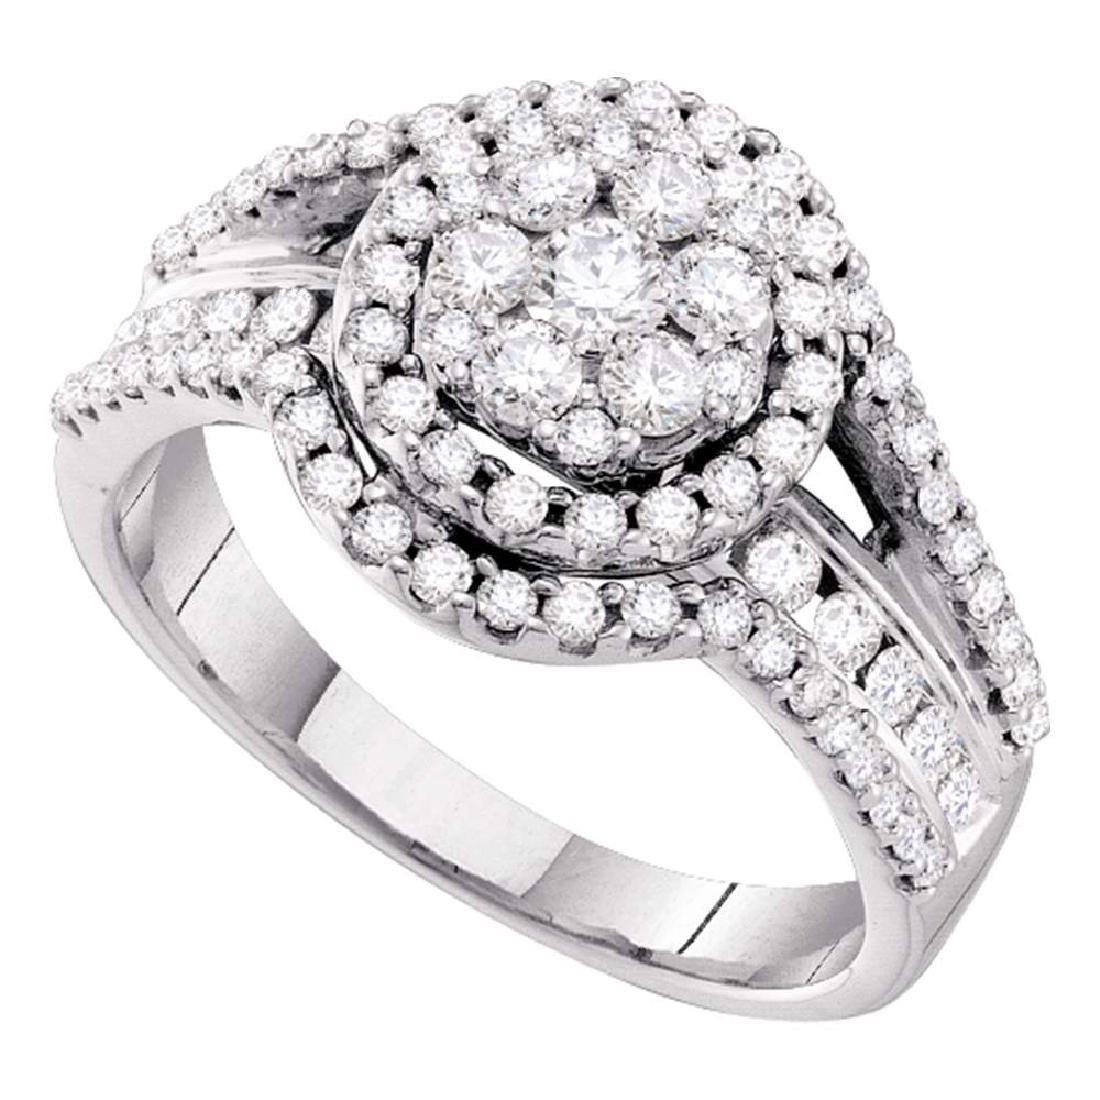 1 CTW Diamond Flower Cluster Cocktail Ring 14KT White